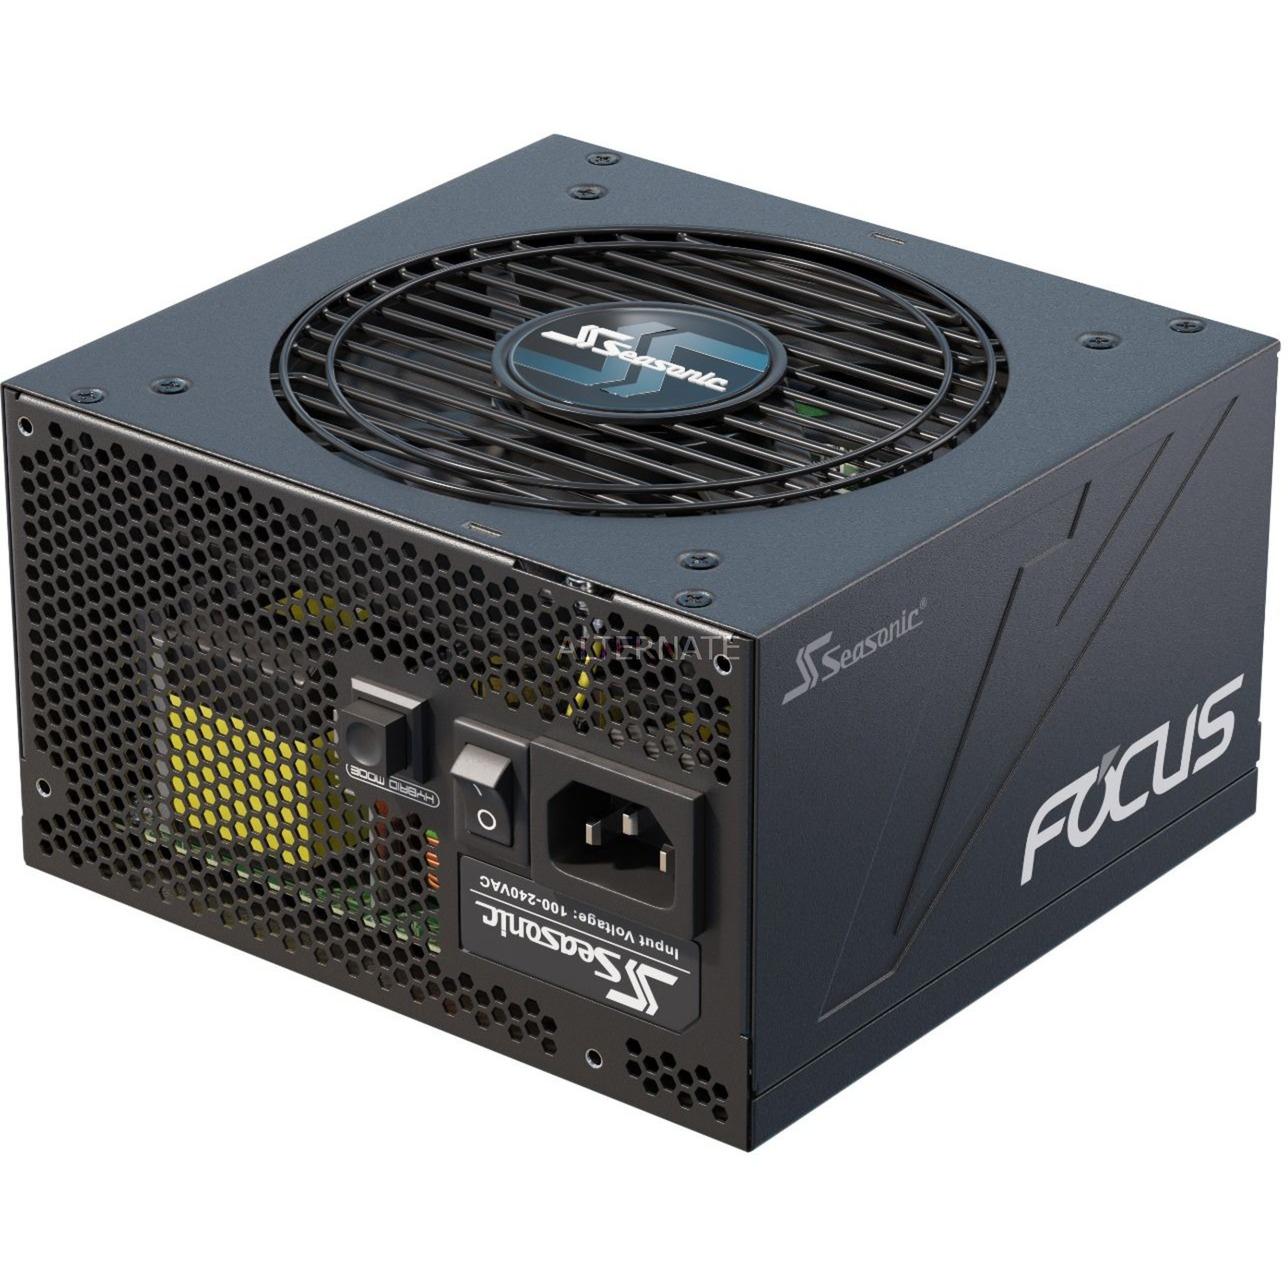 FOCUS-PX-850 unidad de fuente de alimentación 850 W ATX Negro, Fuente de alimentación de PC